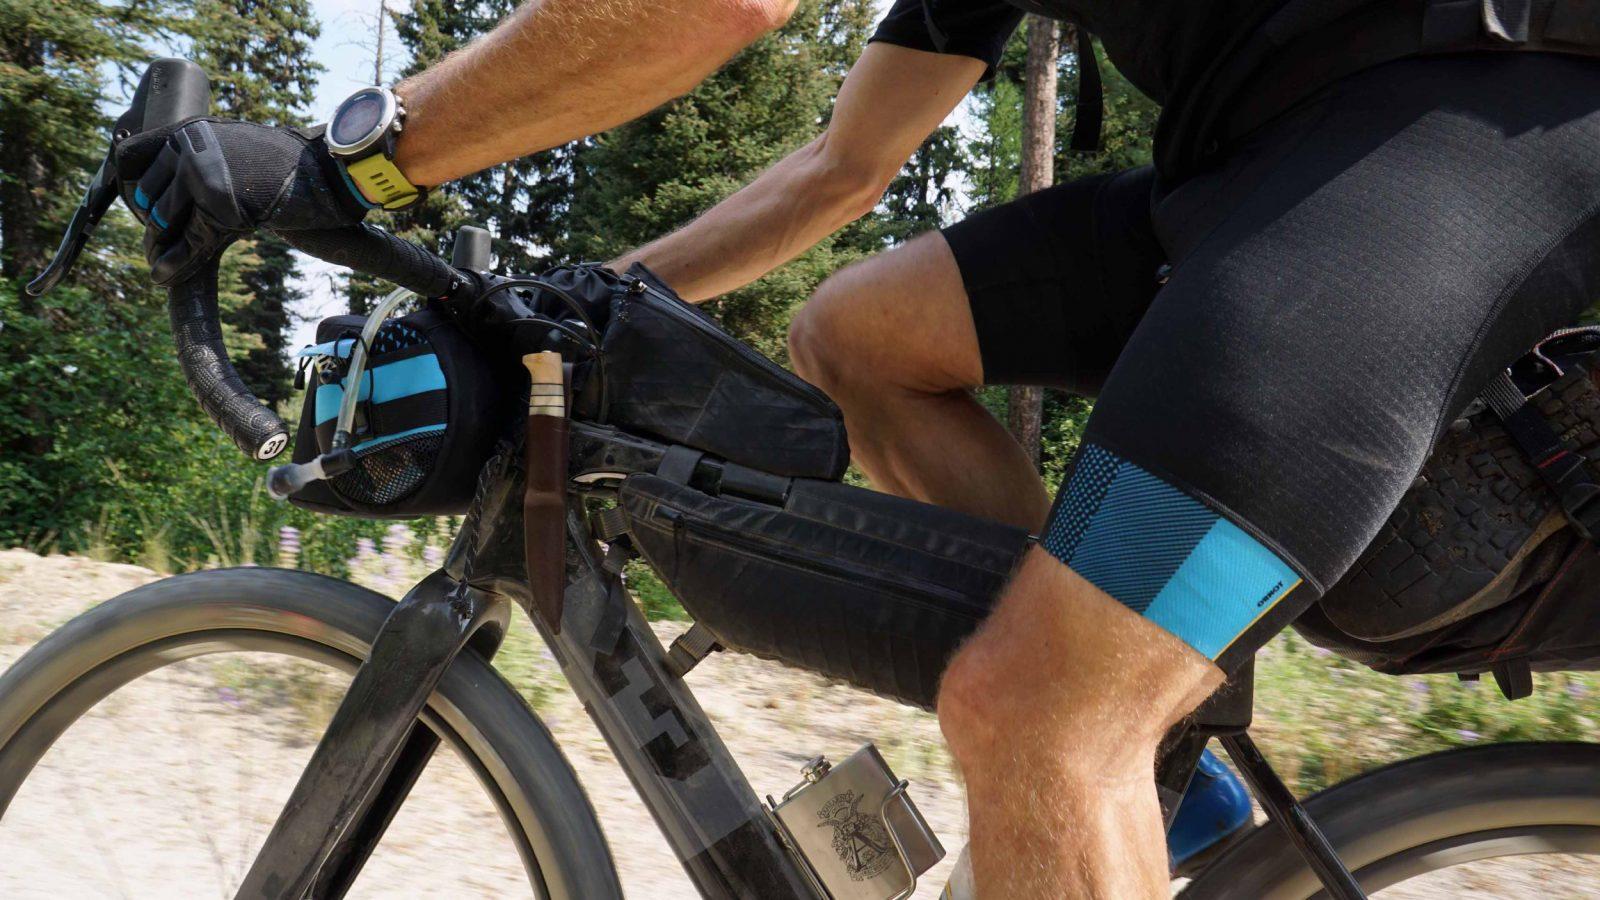 Mens Pro Bike Shorts Cycling Short Bicycle Thin Anti-Chafe Pad